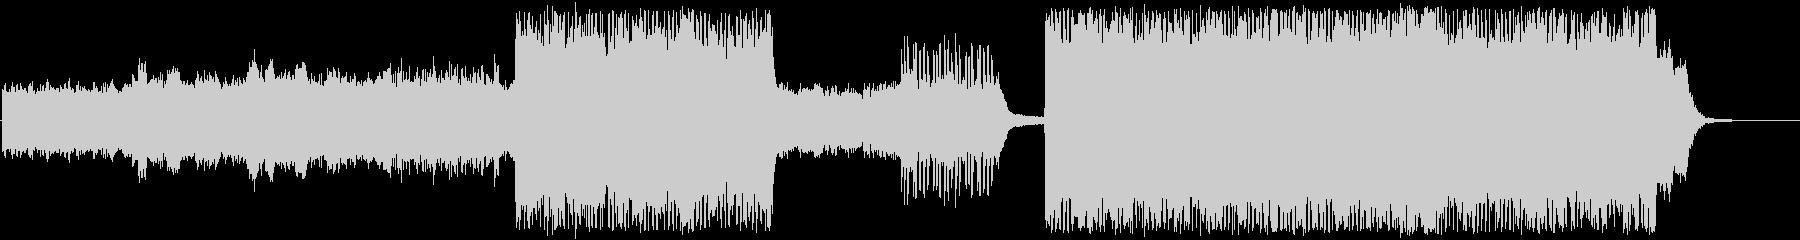 幻想的なテクスチャー ドラムンベースの未再生の波形